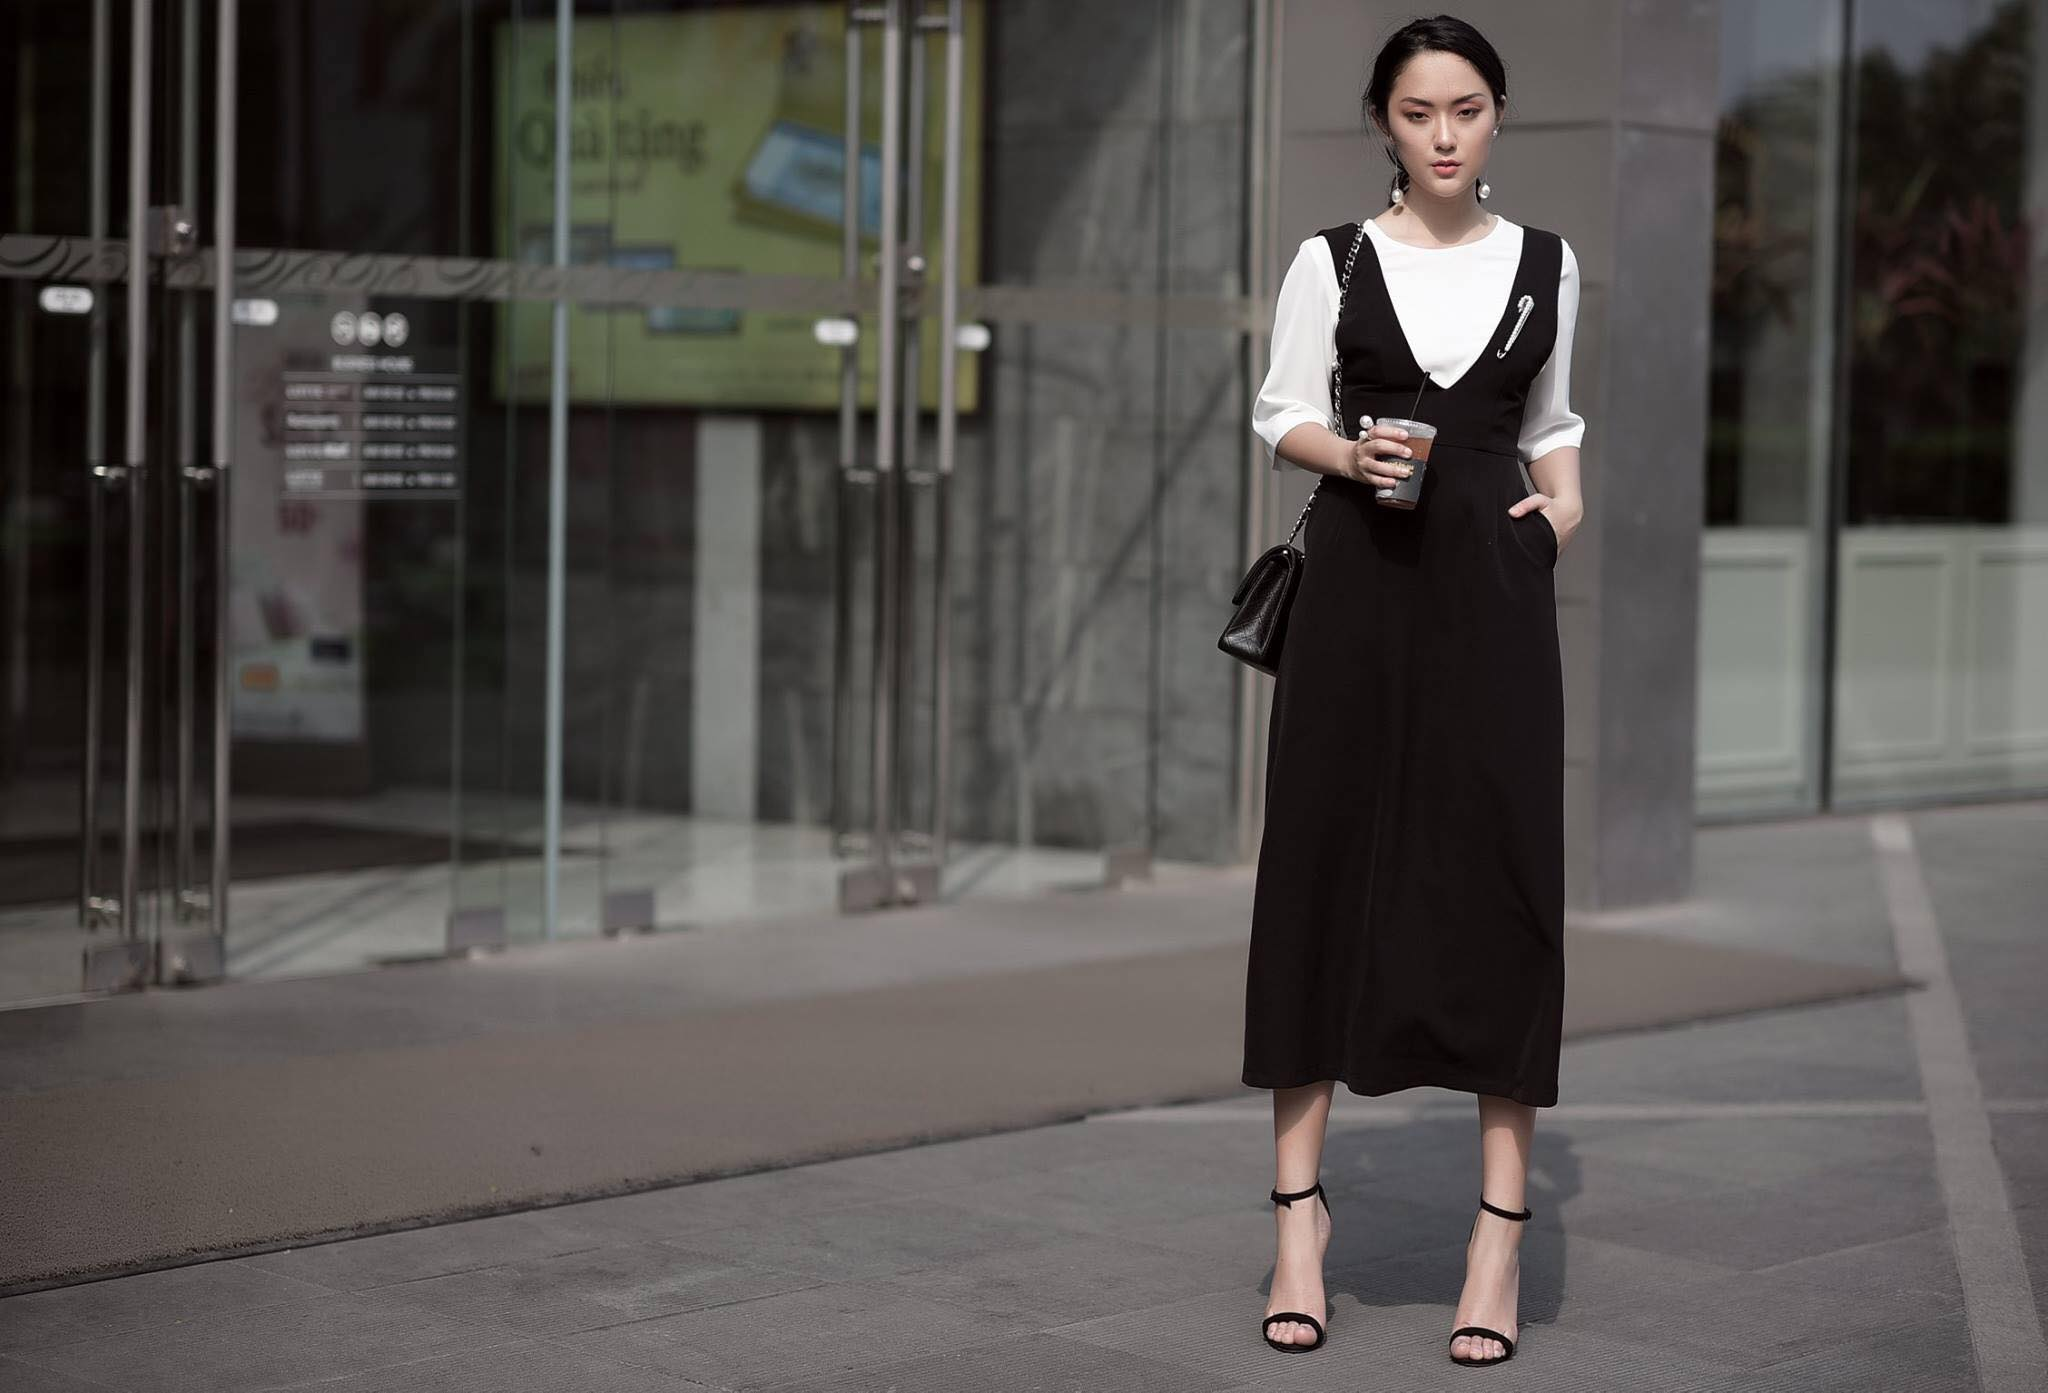 Top 5 chân váy đẹp Hàn Quốc tôn dáng mới nhất 2018 - chân váy công sở